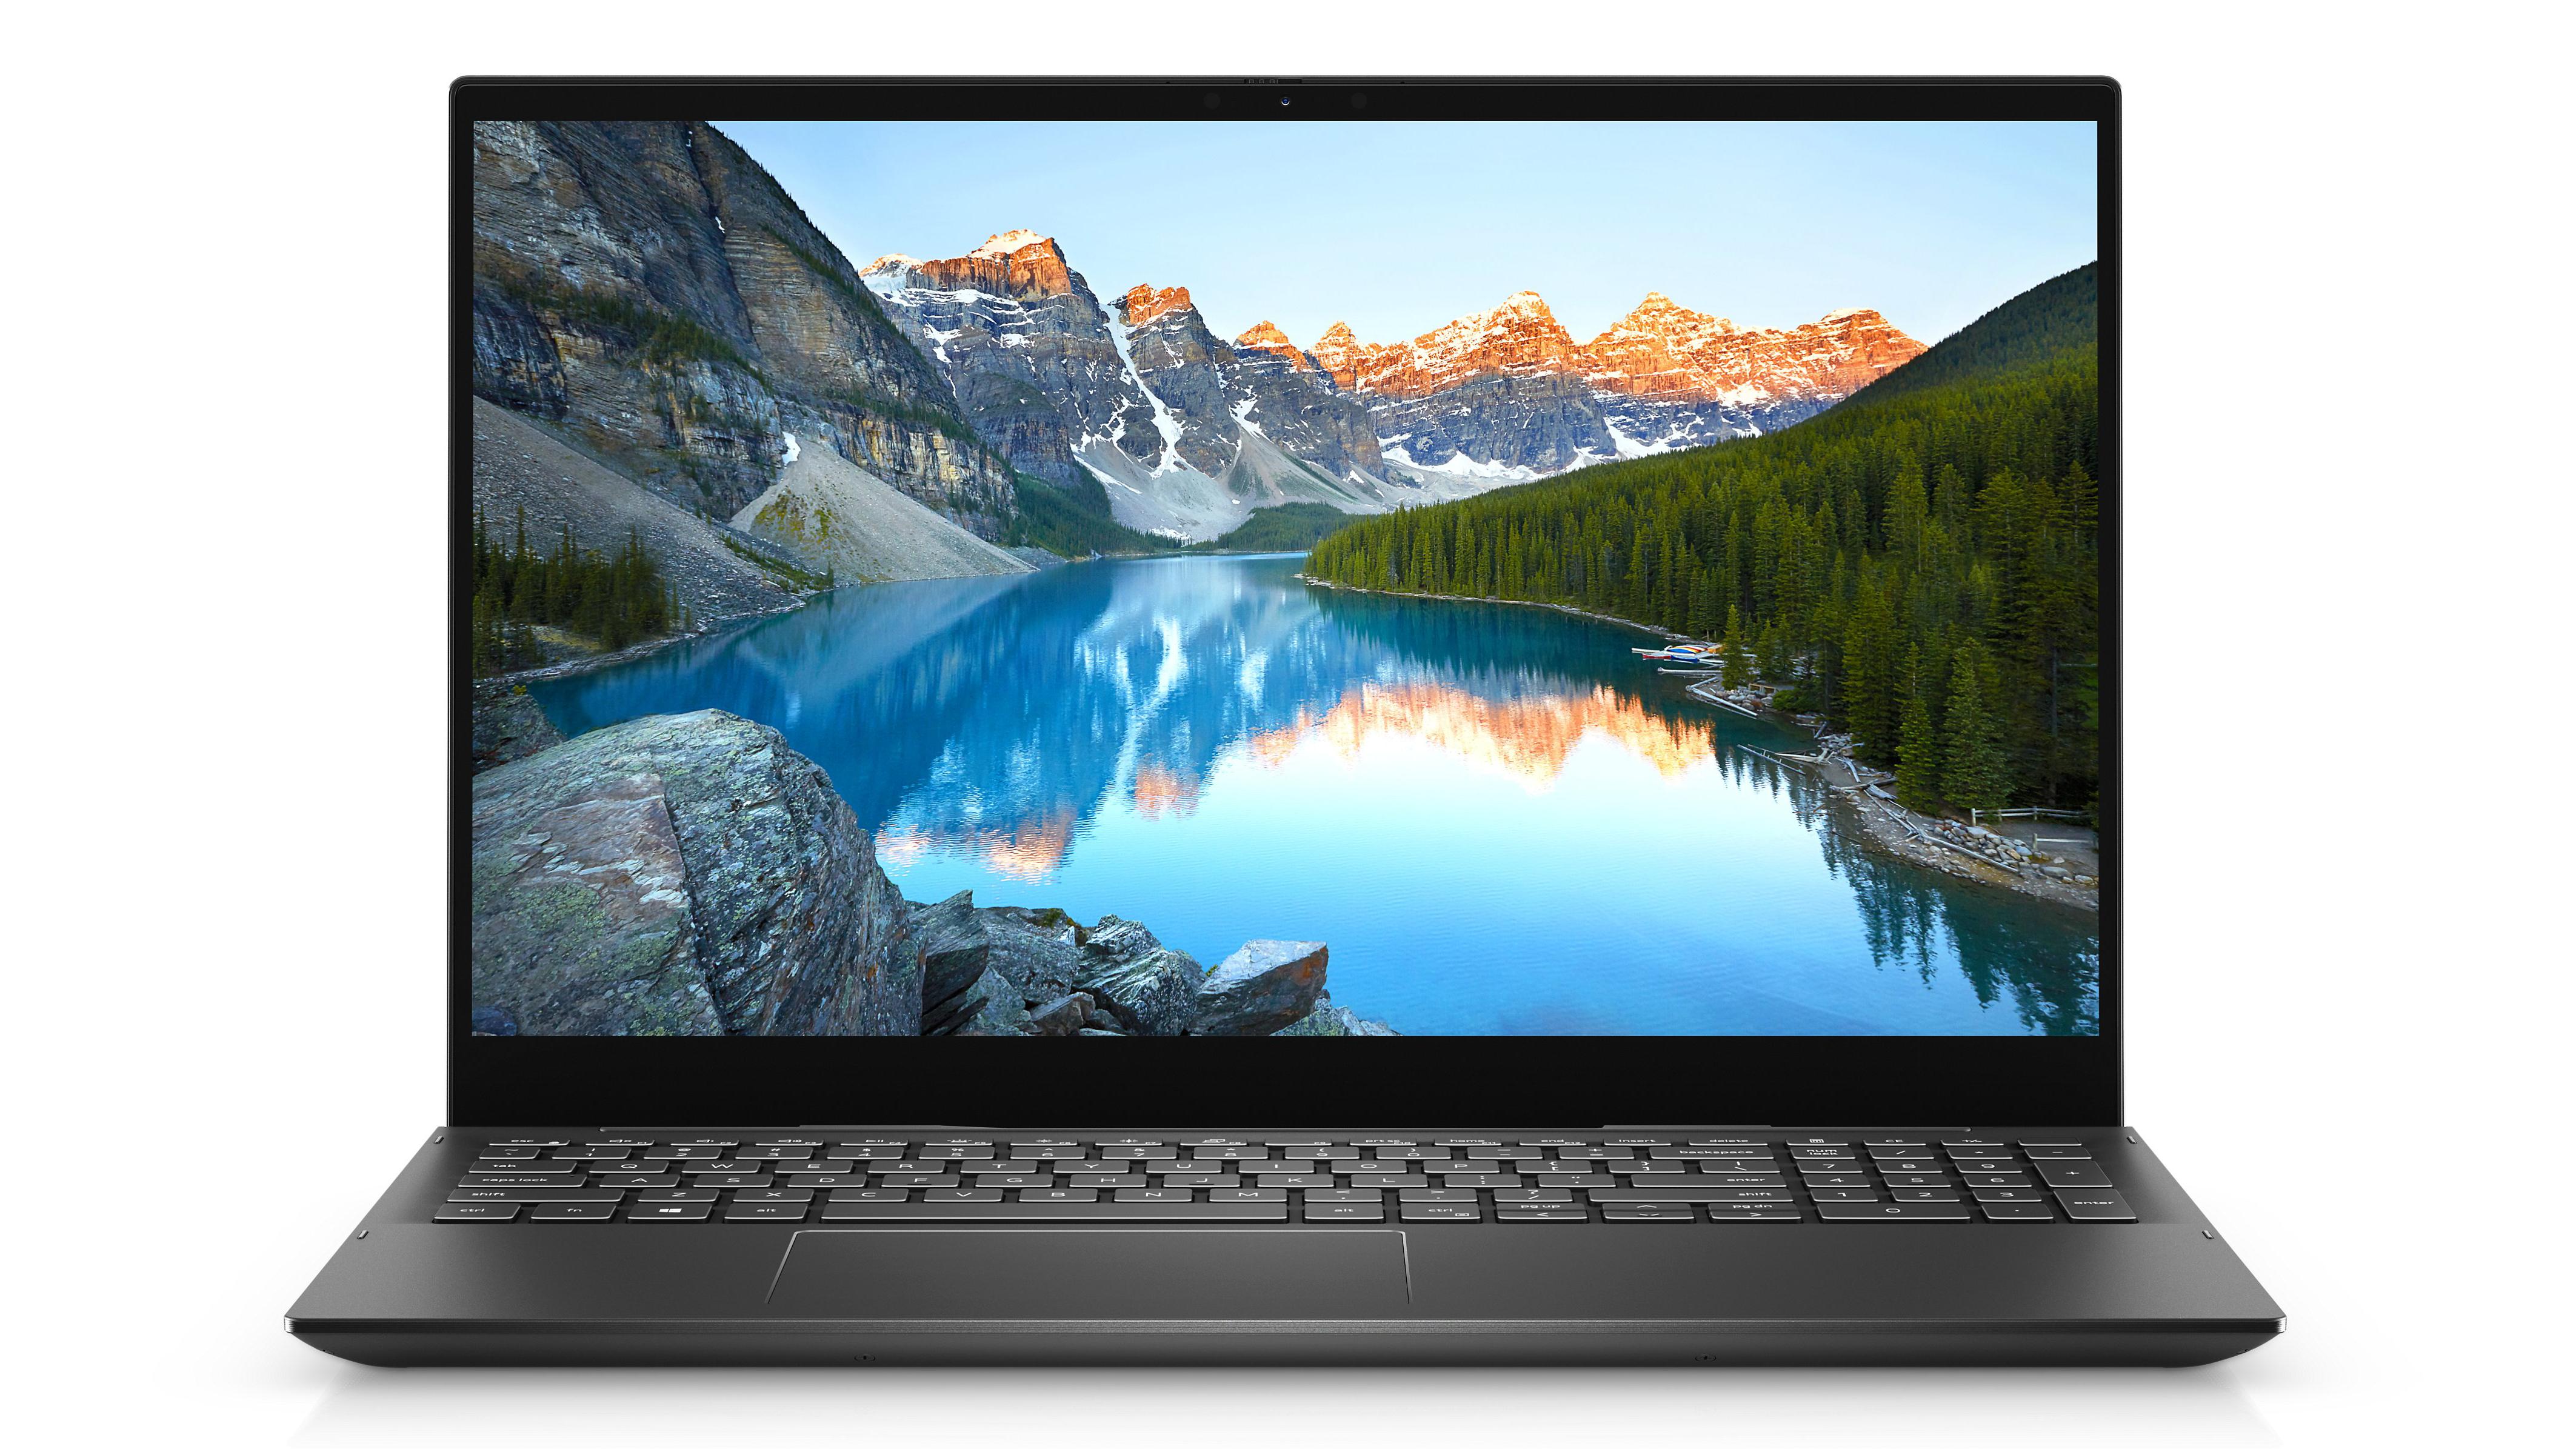 Dell Dell Inspiron 15 7000 2-in-1 Black Edition (7506)